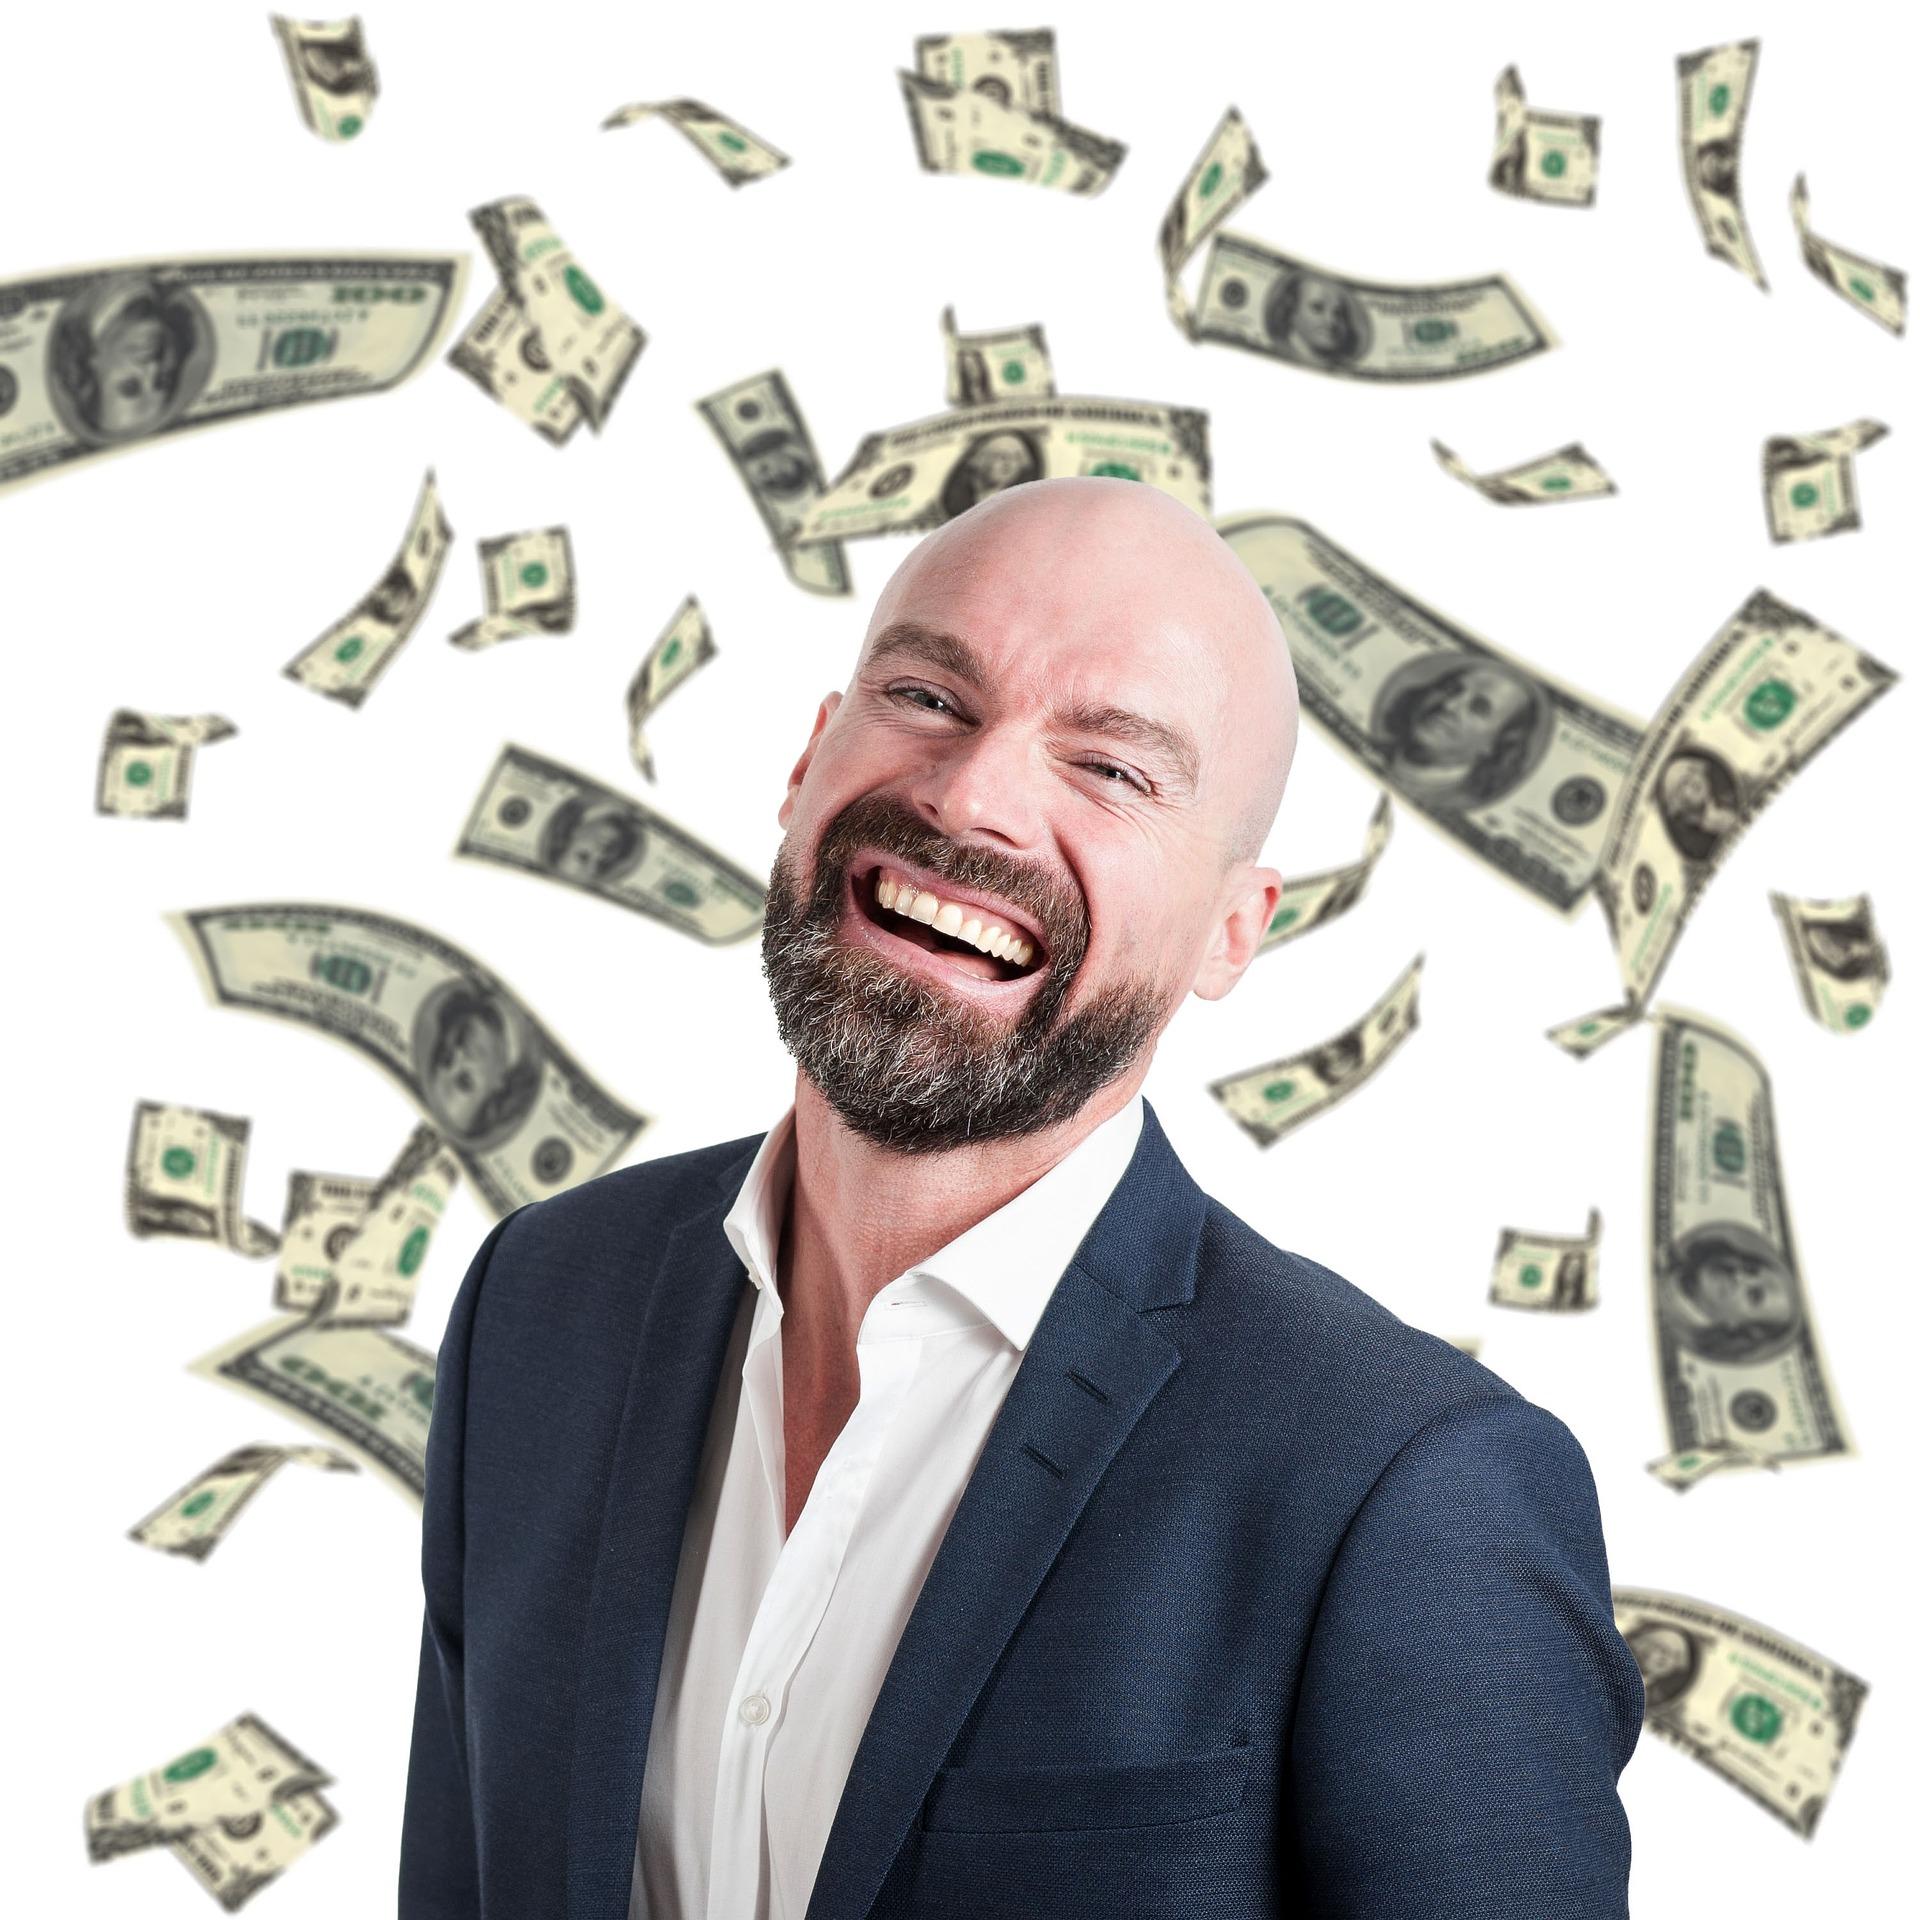 Reclaiming Billionaires' Wealth – Consortiumnews